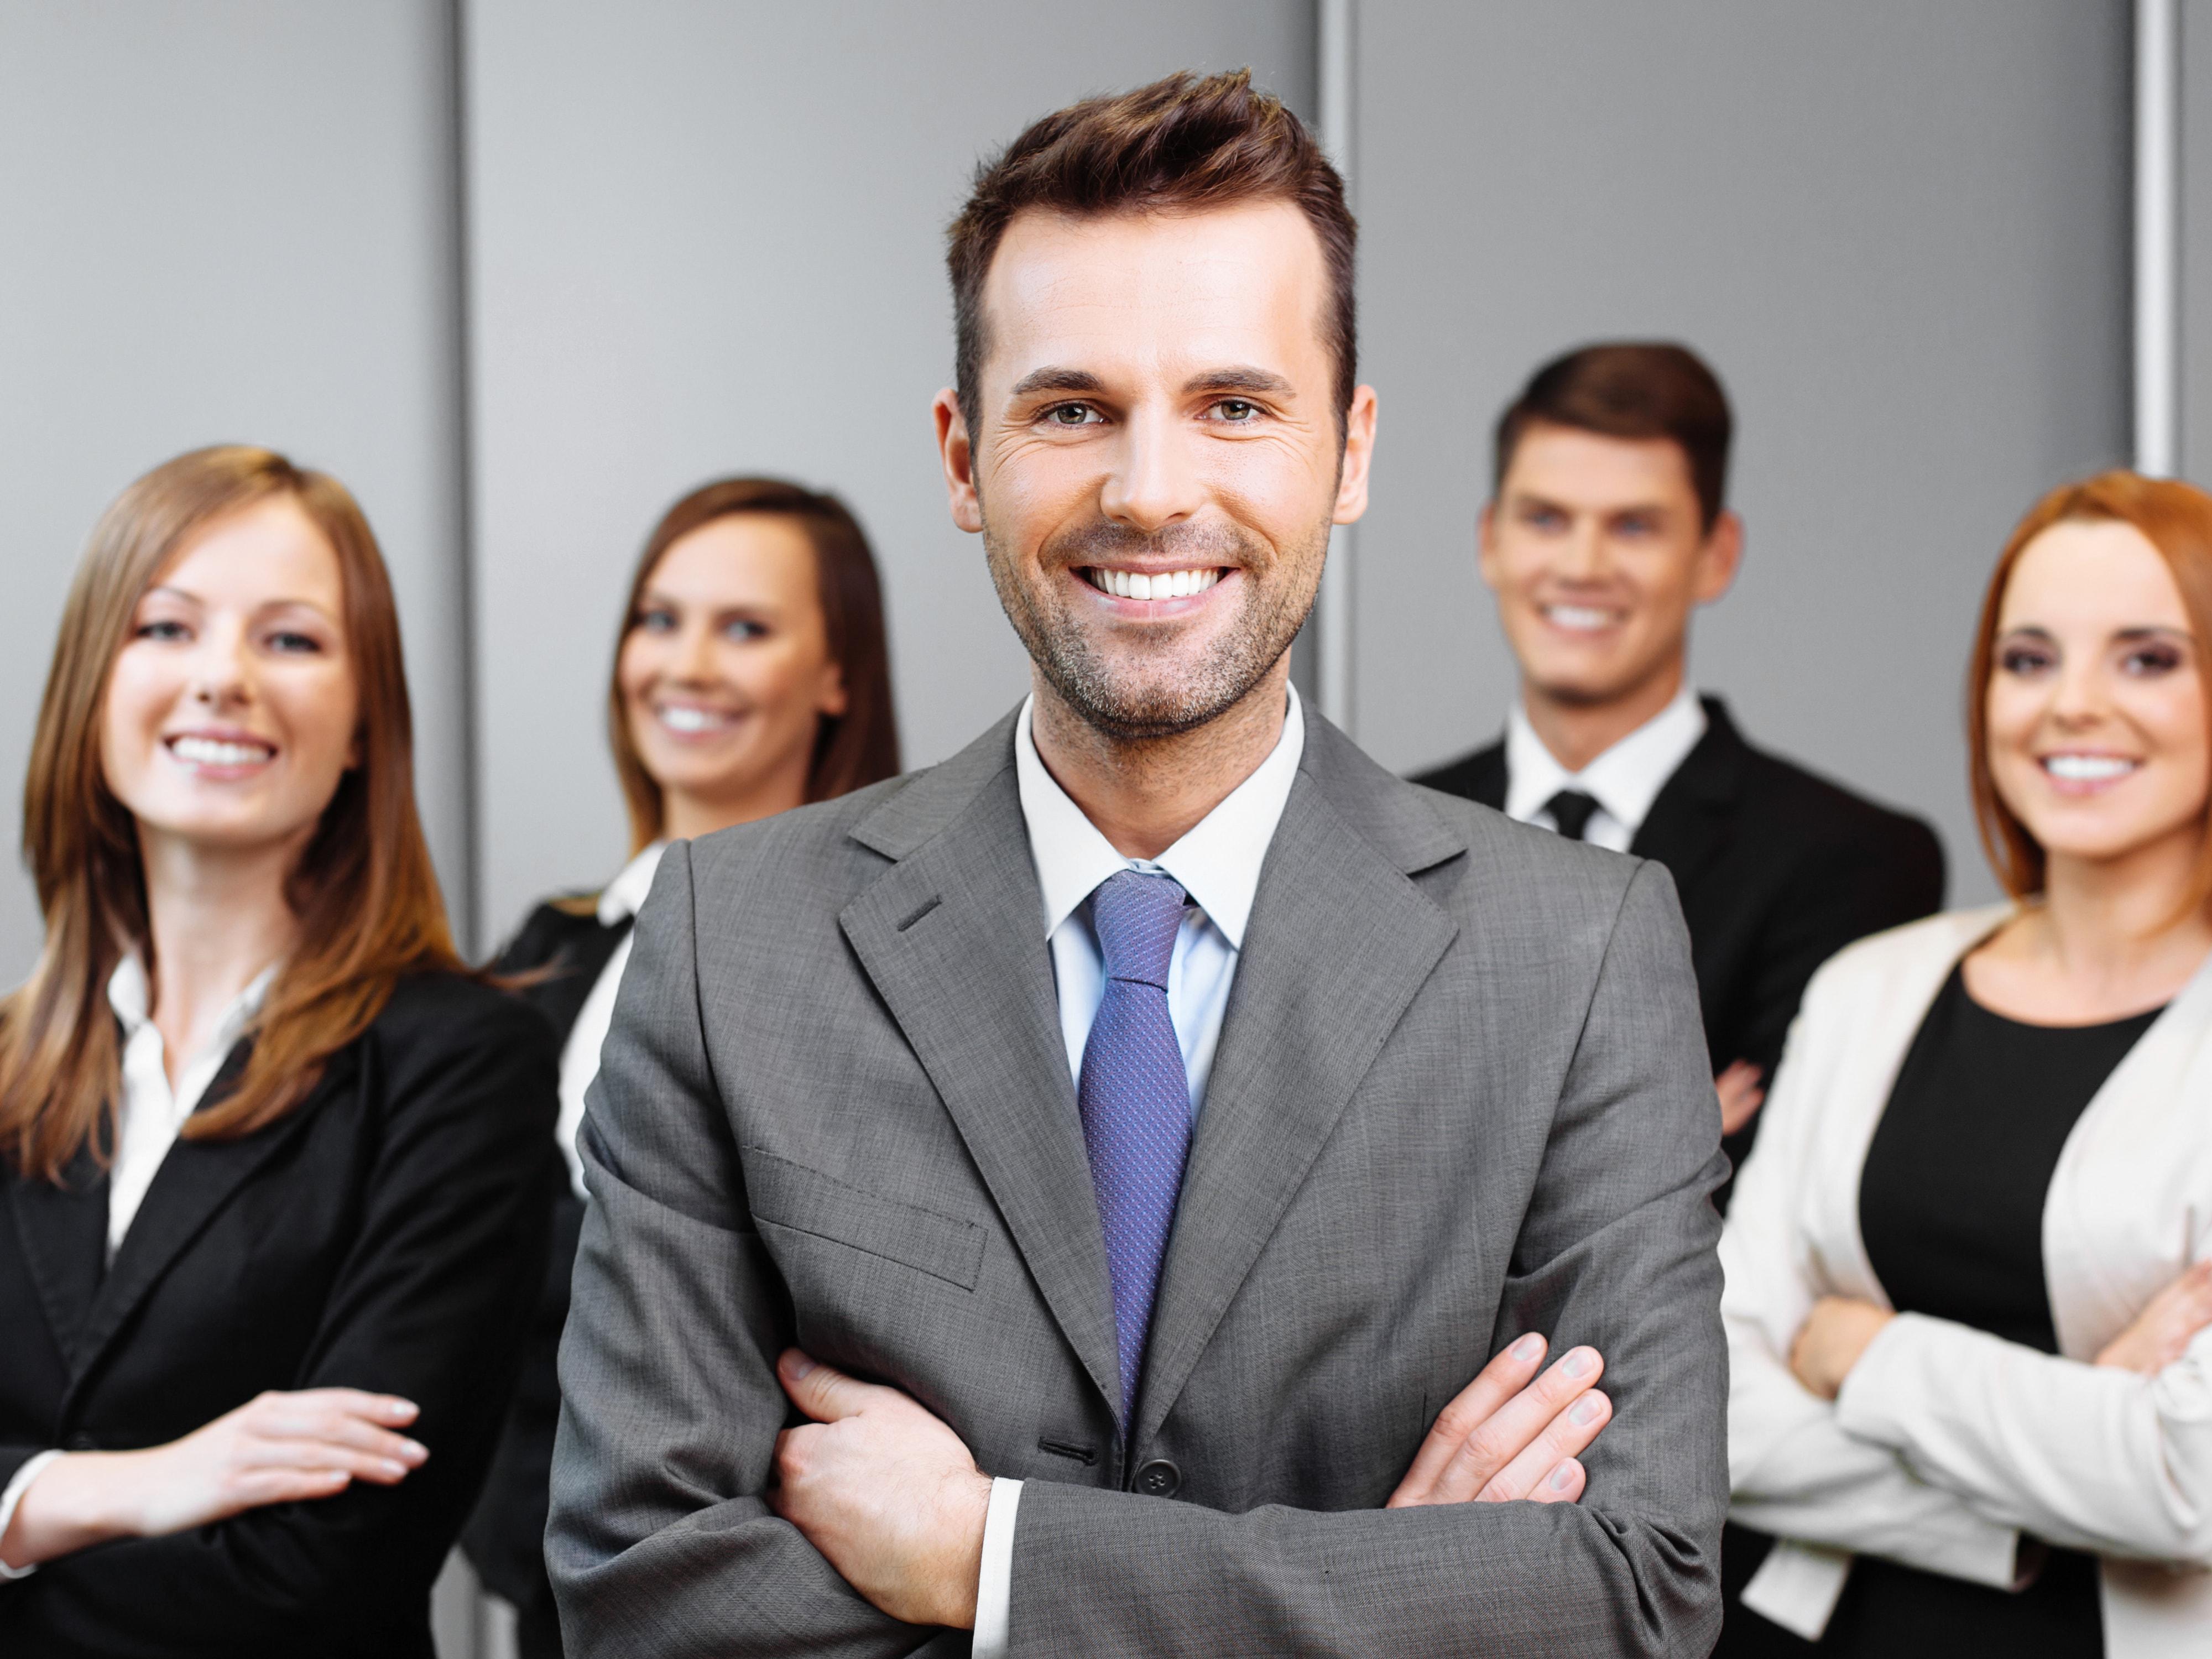 Curso Formação Profissional Gestão Recursos Humanos CaF Formação